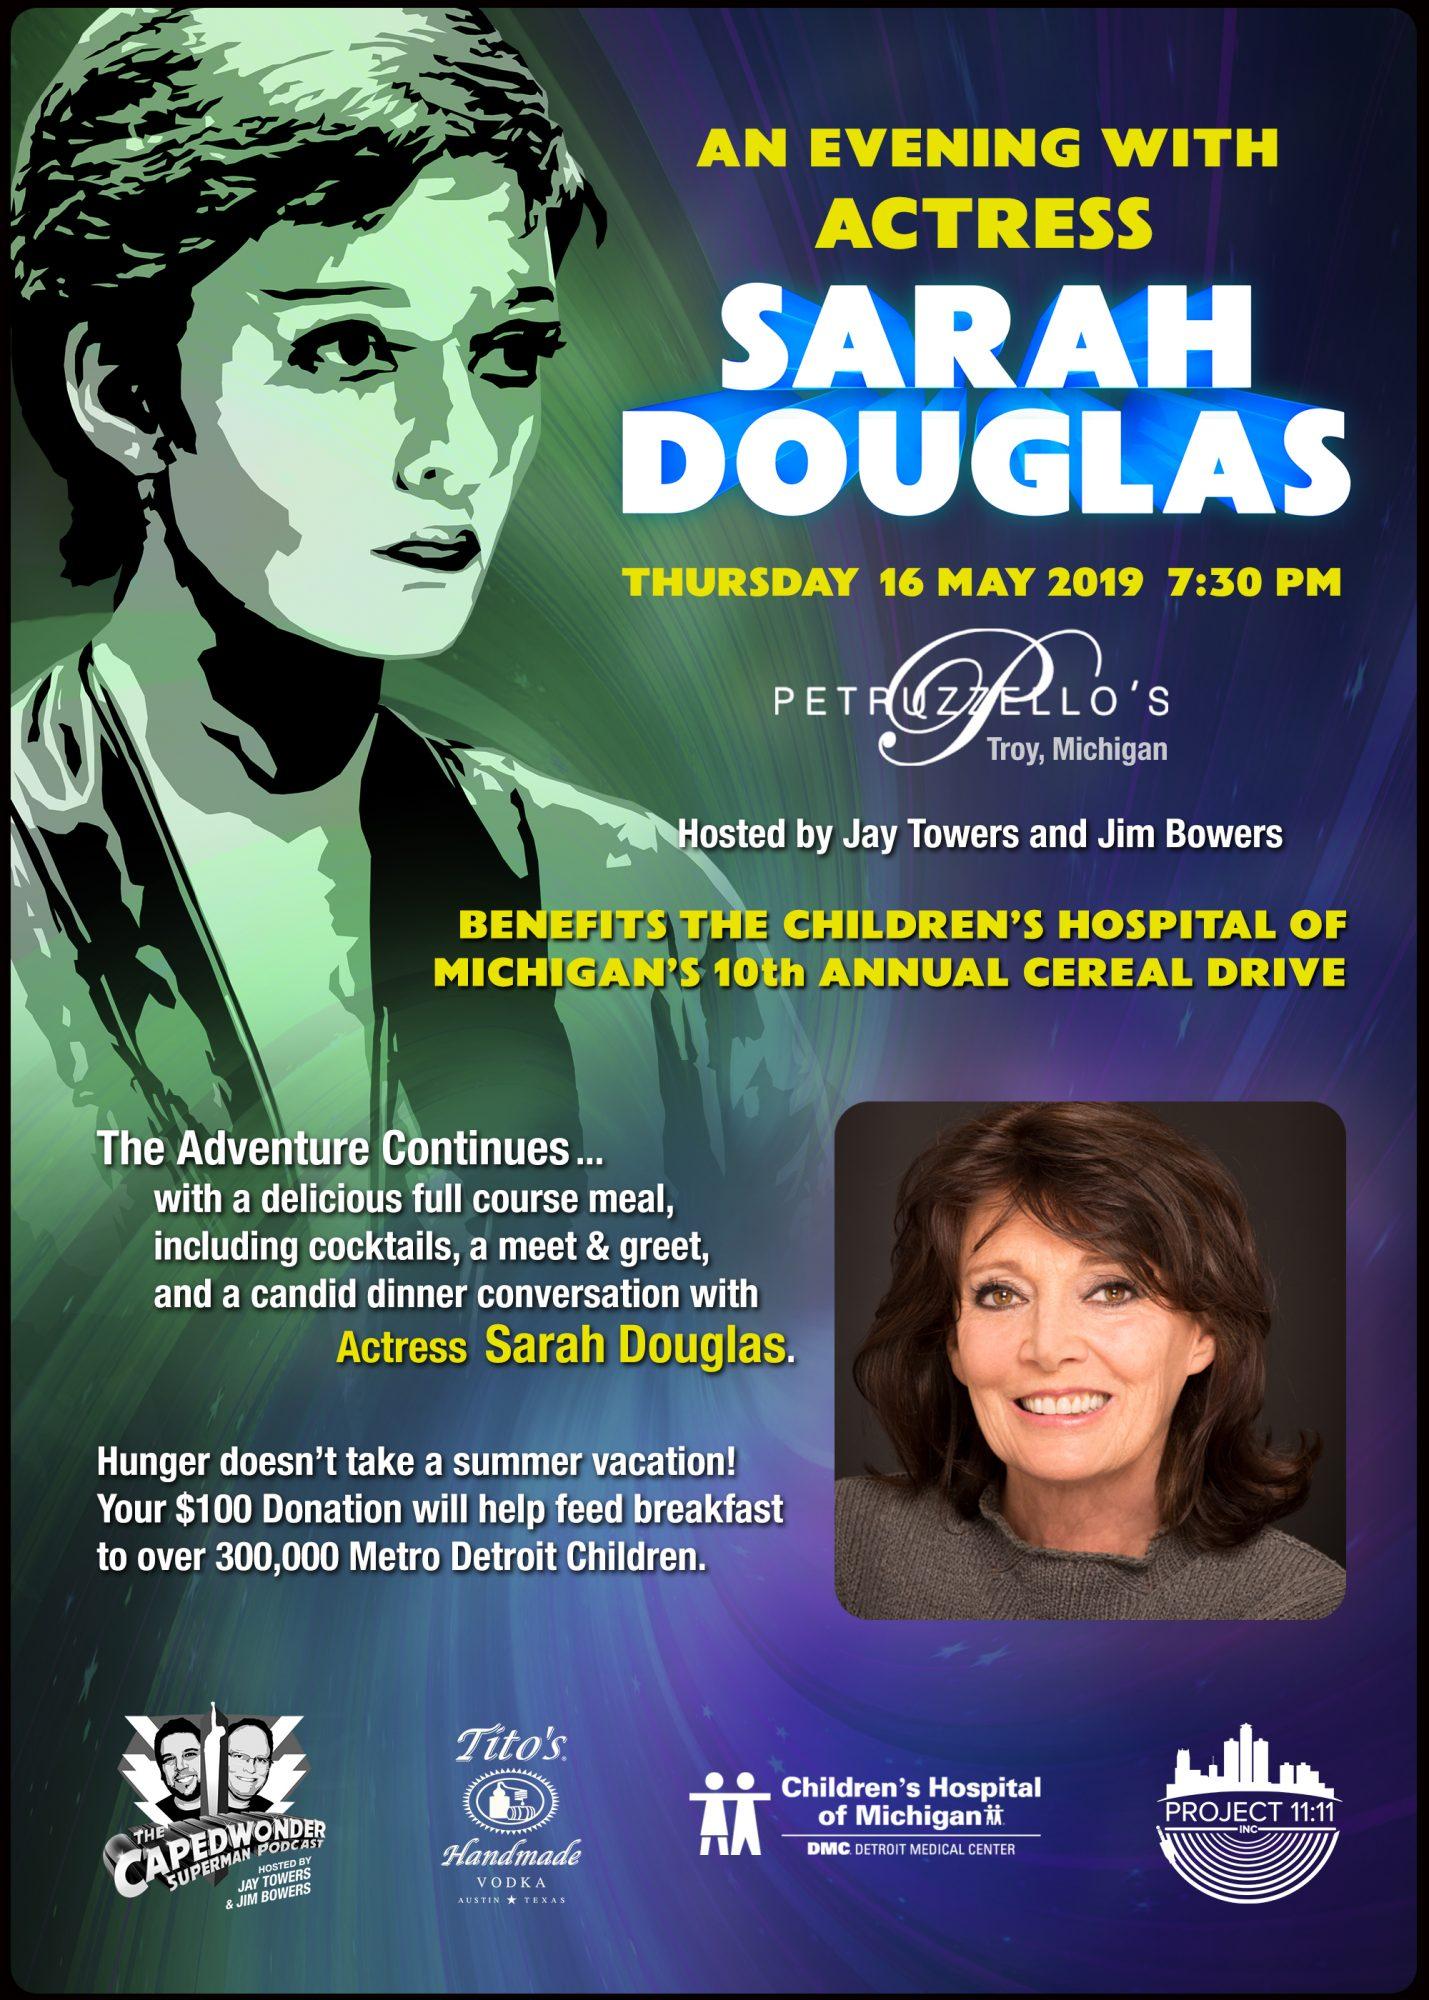 AN EVENING WITH SARAH DOUGLAS